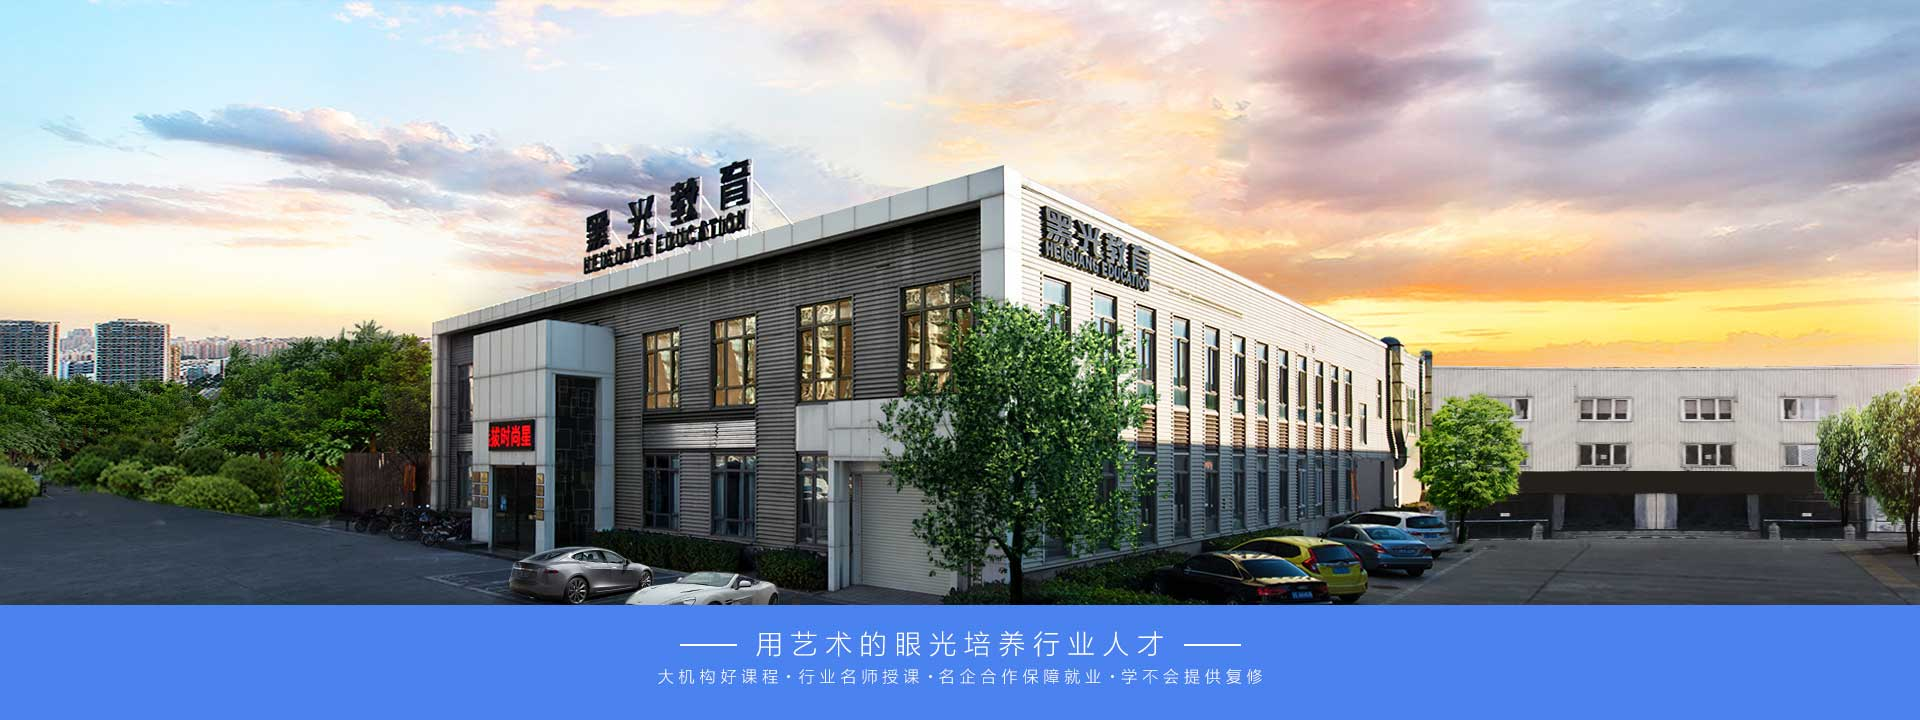 中国首家艺术教育上市品牌